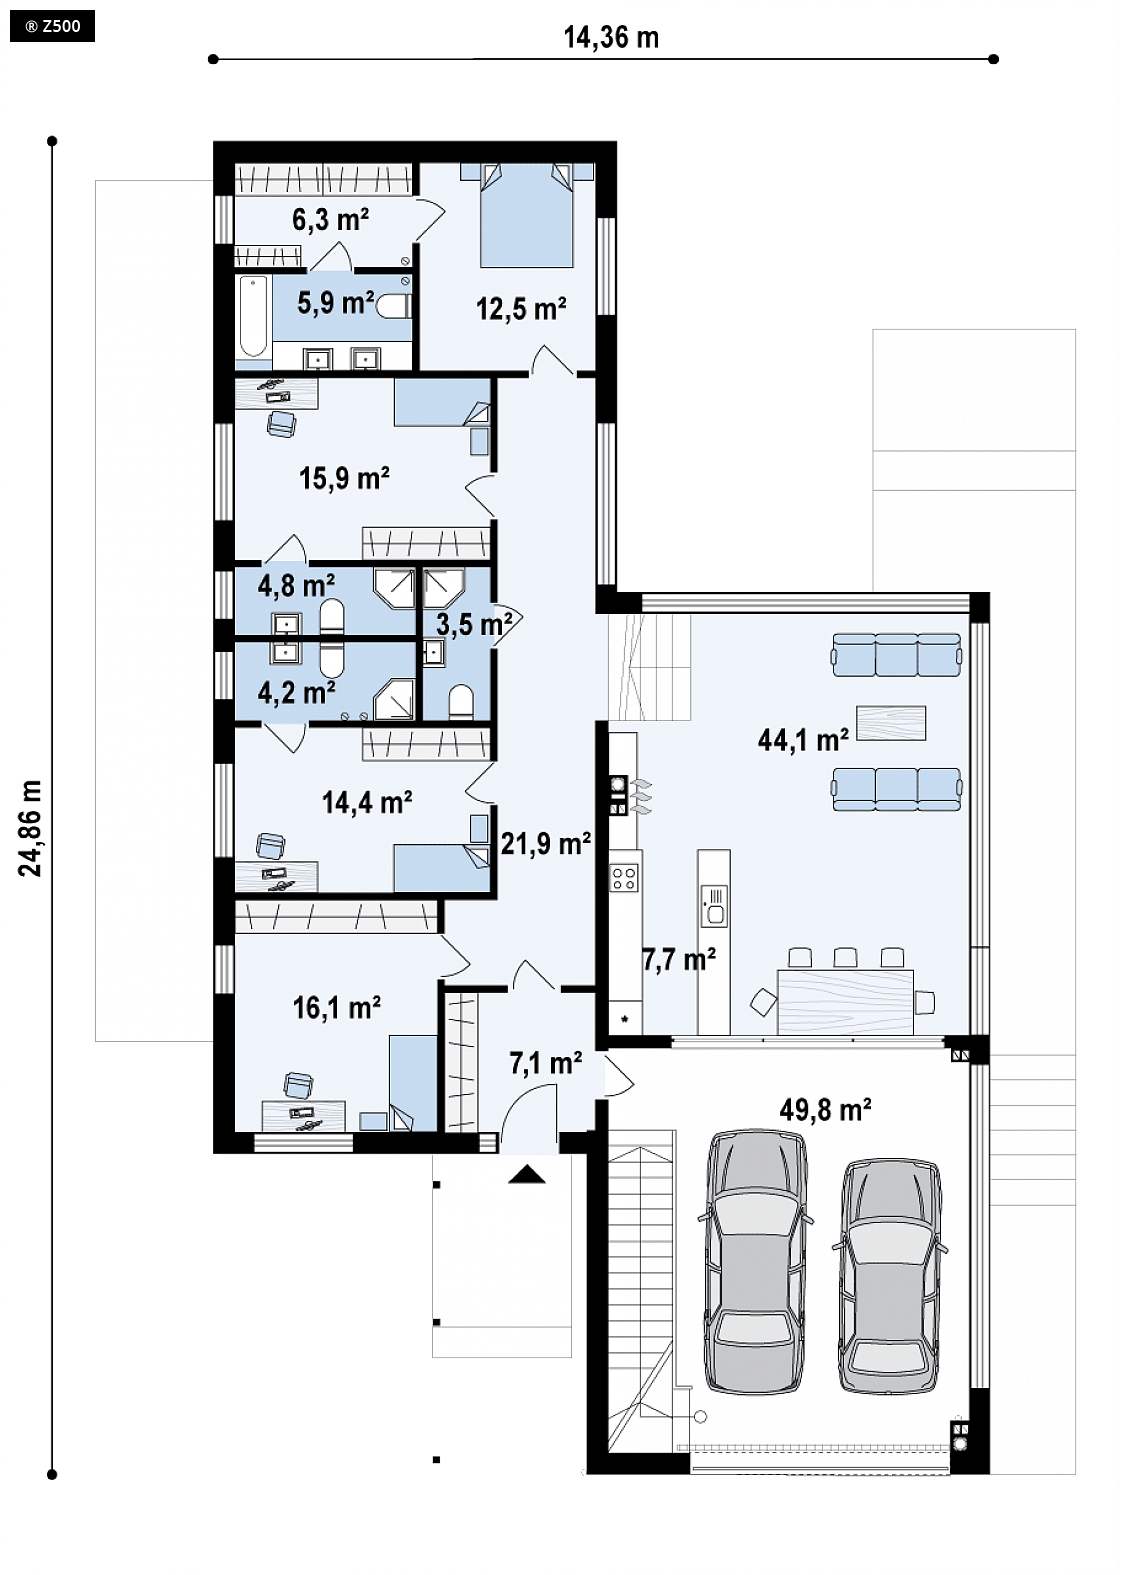 Proyectos De Casas Casa De Lujo Con Piscina Y Garaje A